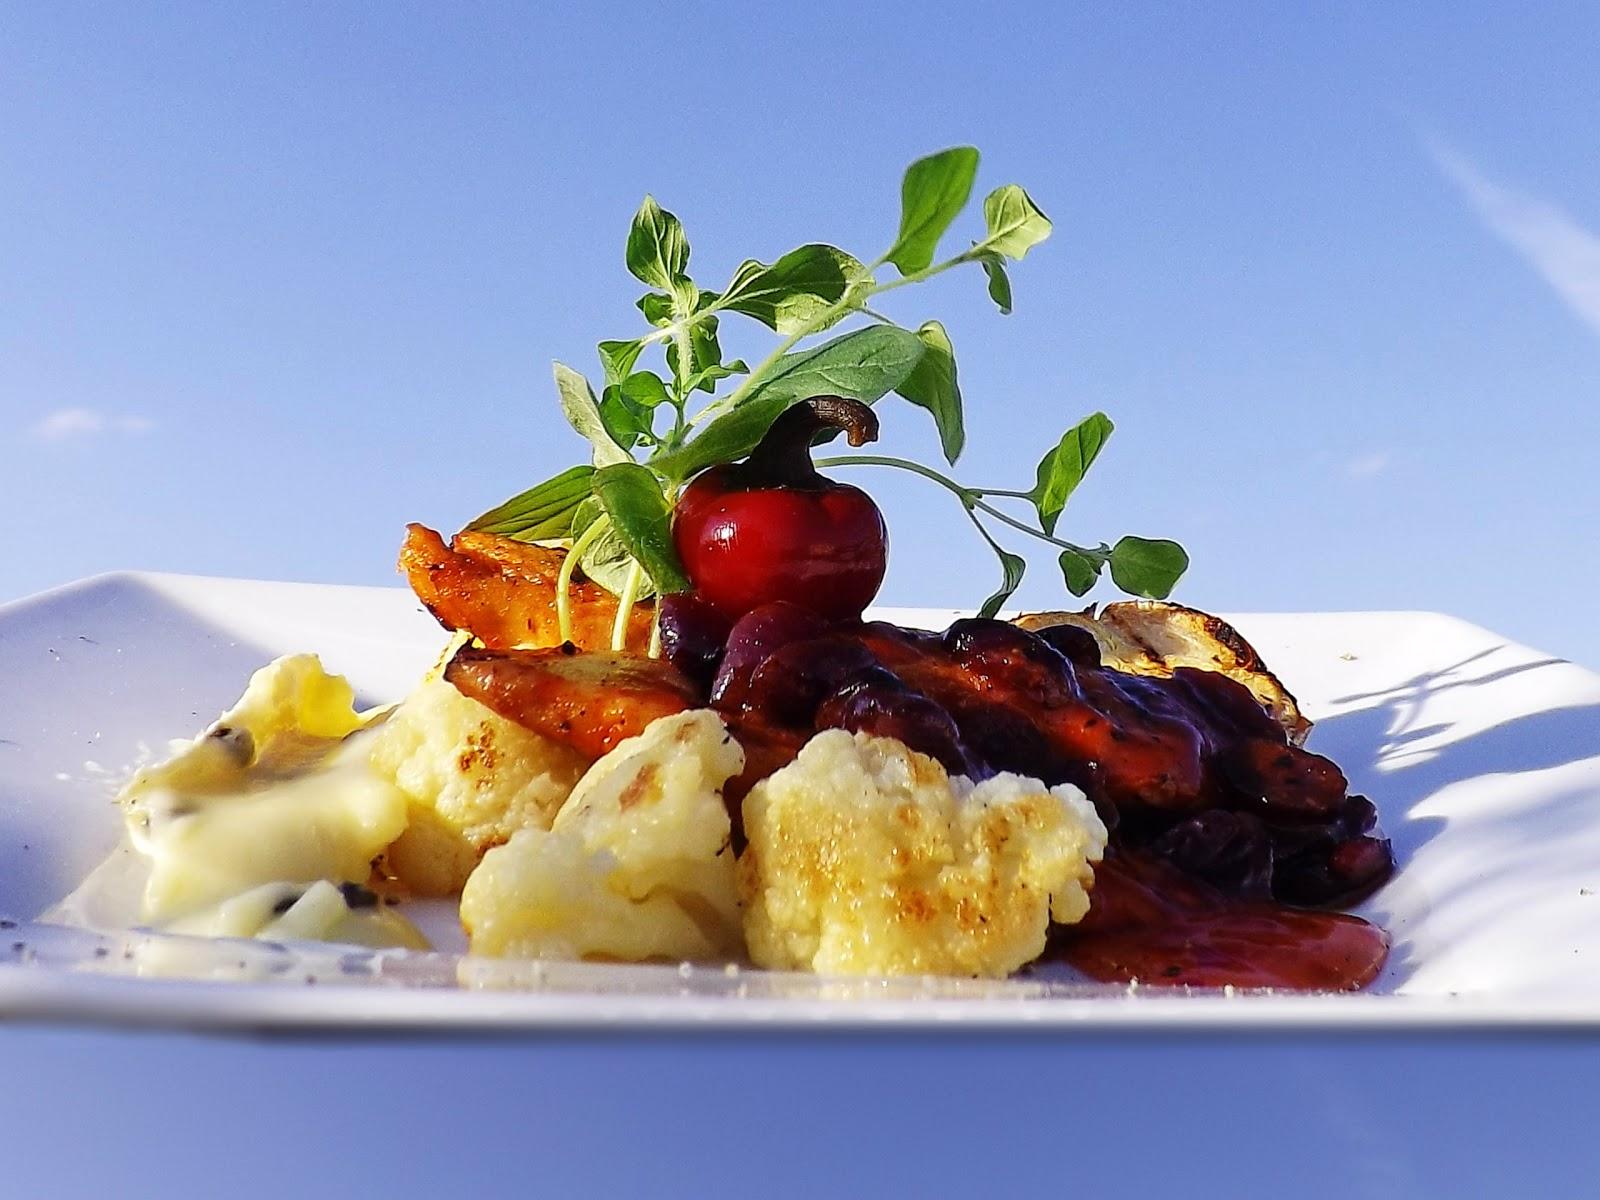 Grillowane polędwiczki z kurczaka w winnym sosie żurawinowym na kalafiorze